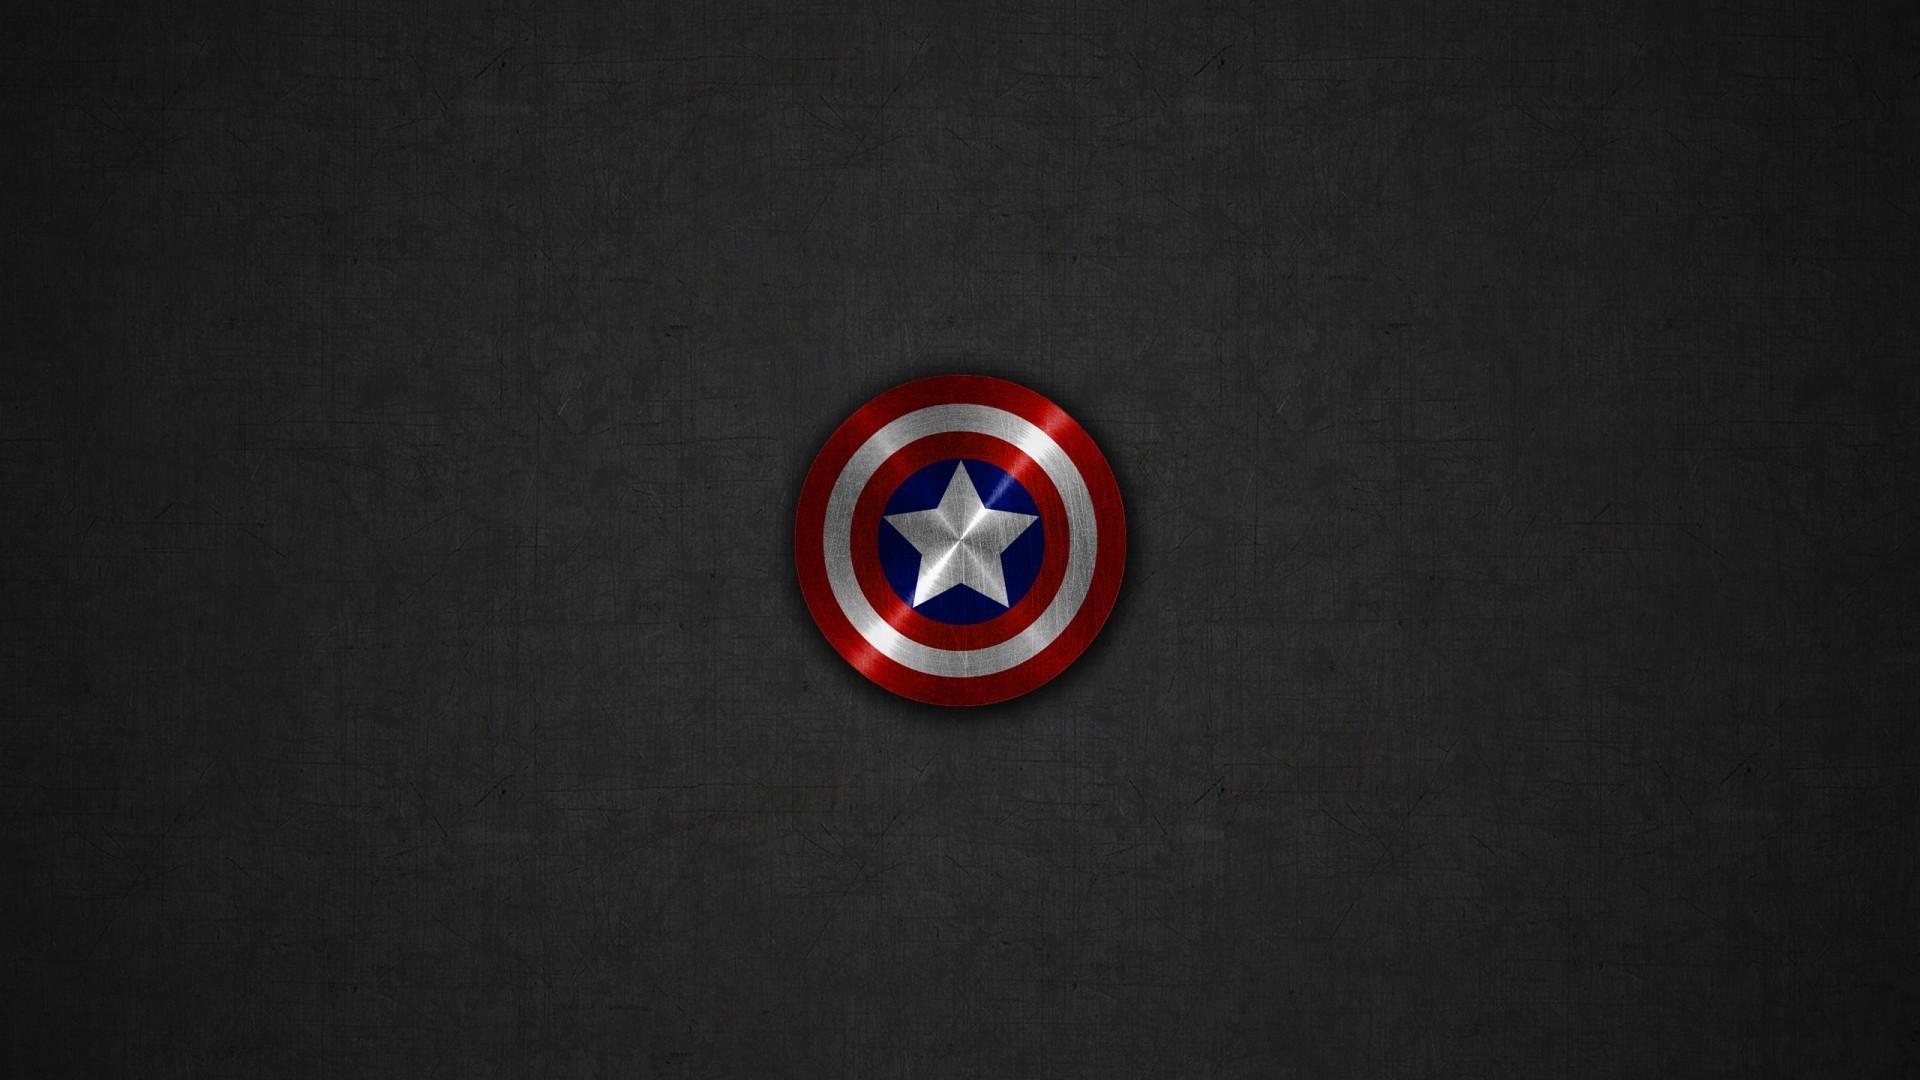 1440x2560 1440x2560 Wallpaper captain america the winter soldier, captain  america 2, the winter soldier